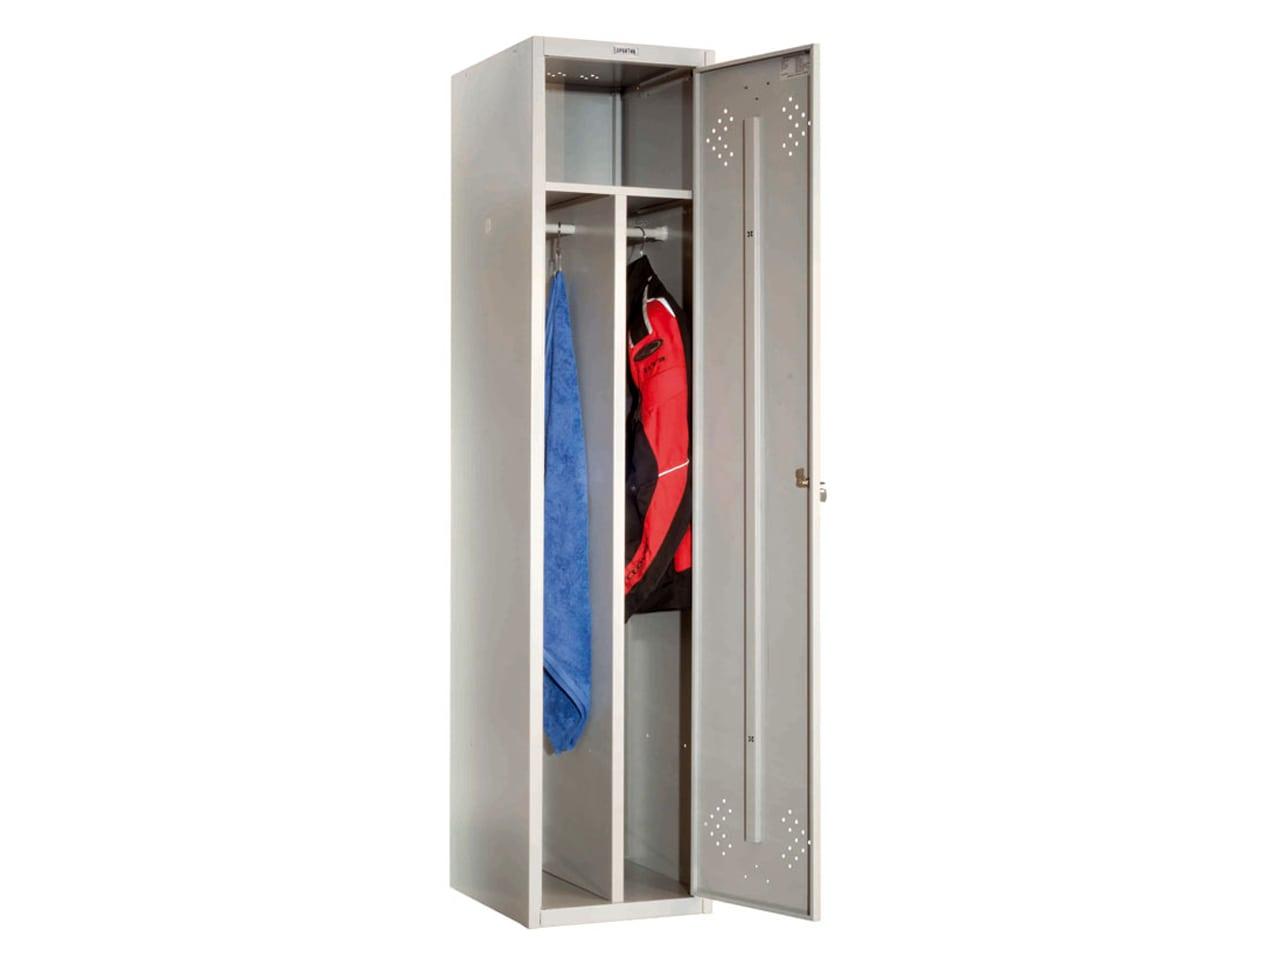 Шкаф металлический с вентиляционными отверстиями